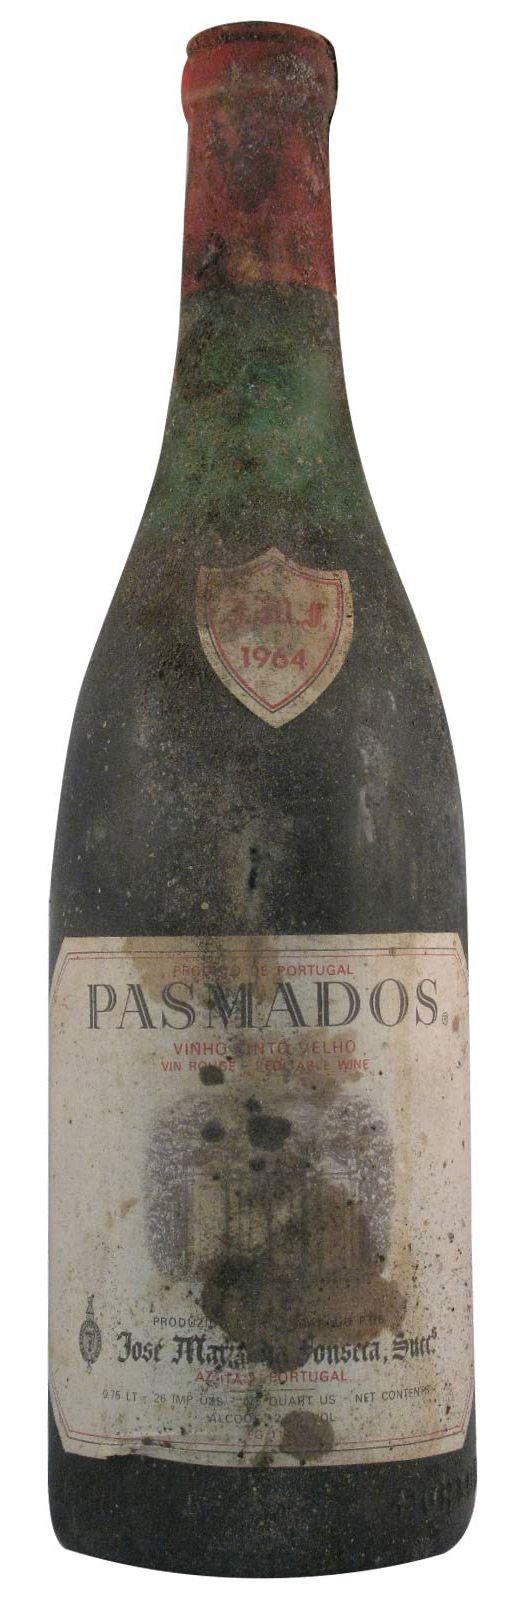 1964 José Maria da Fonseca Pasmados tinto